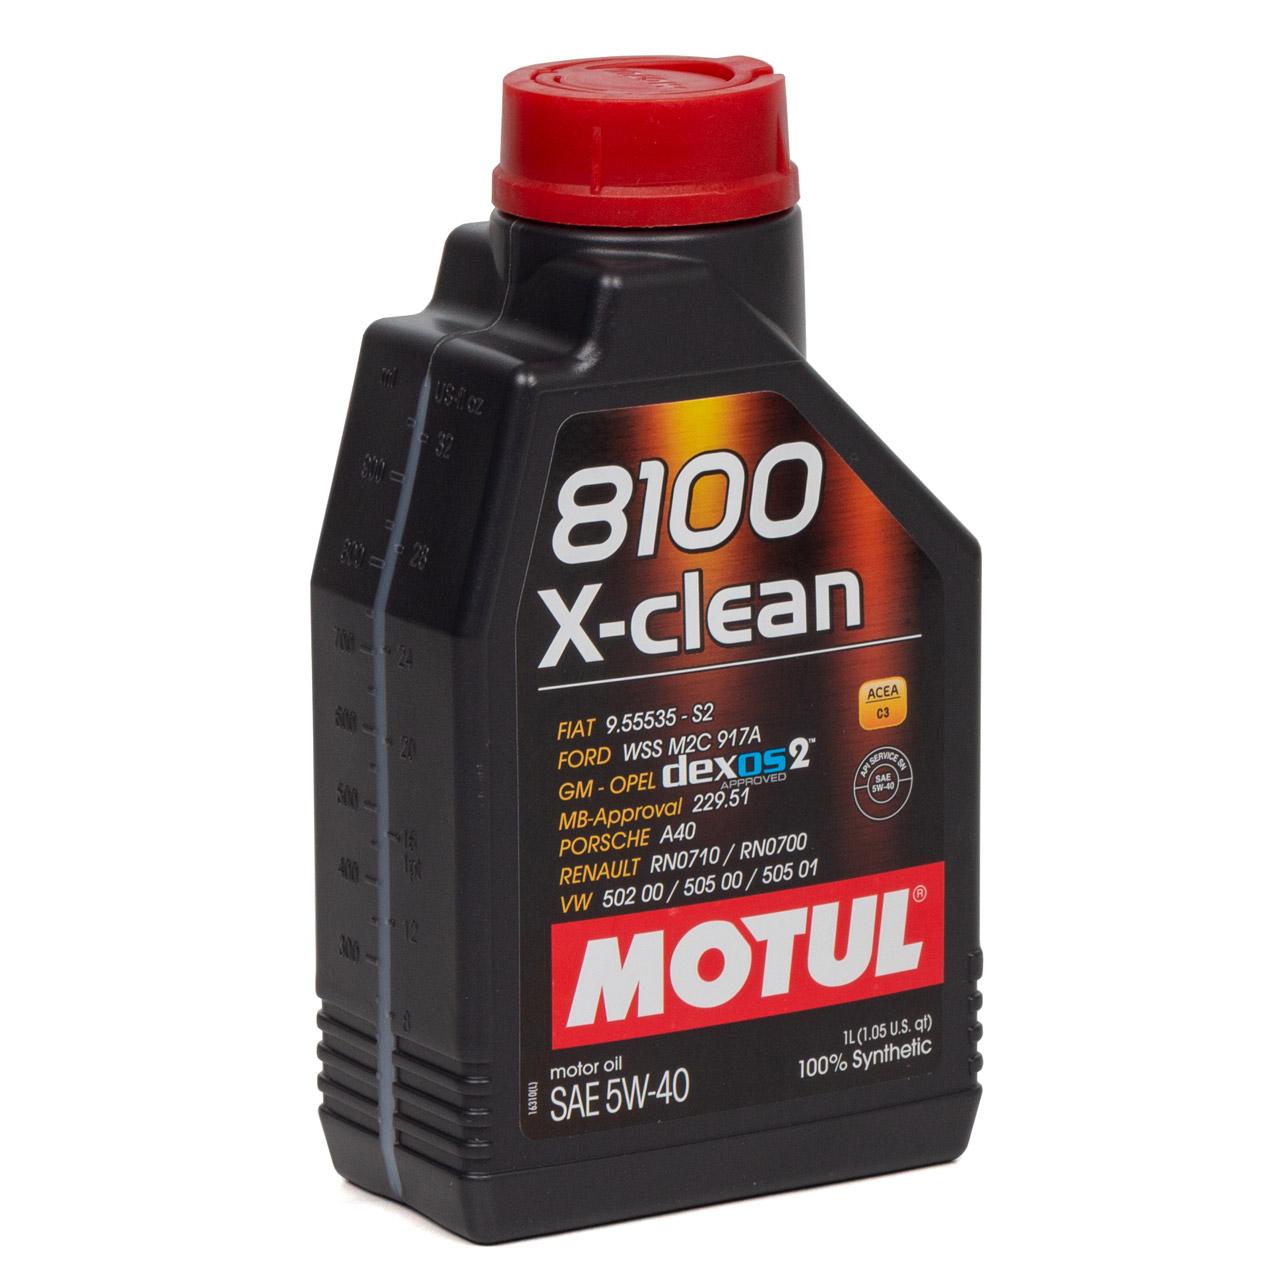 MOTUL 8100 X-Clean Motoröl Öl 5W40 dexos2 VW 502.00/505.00/505.01 - 1L 1 Liter